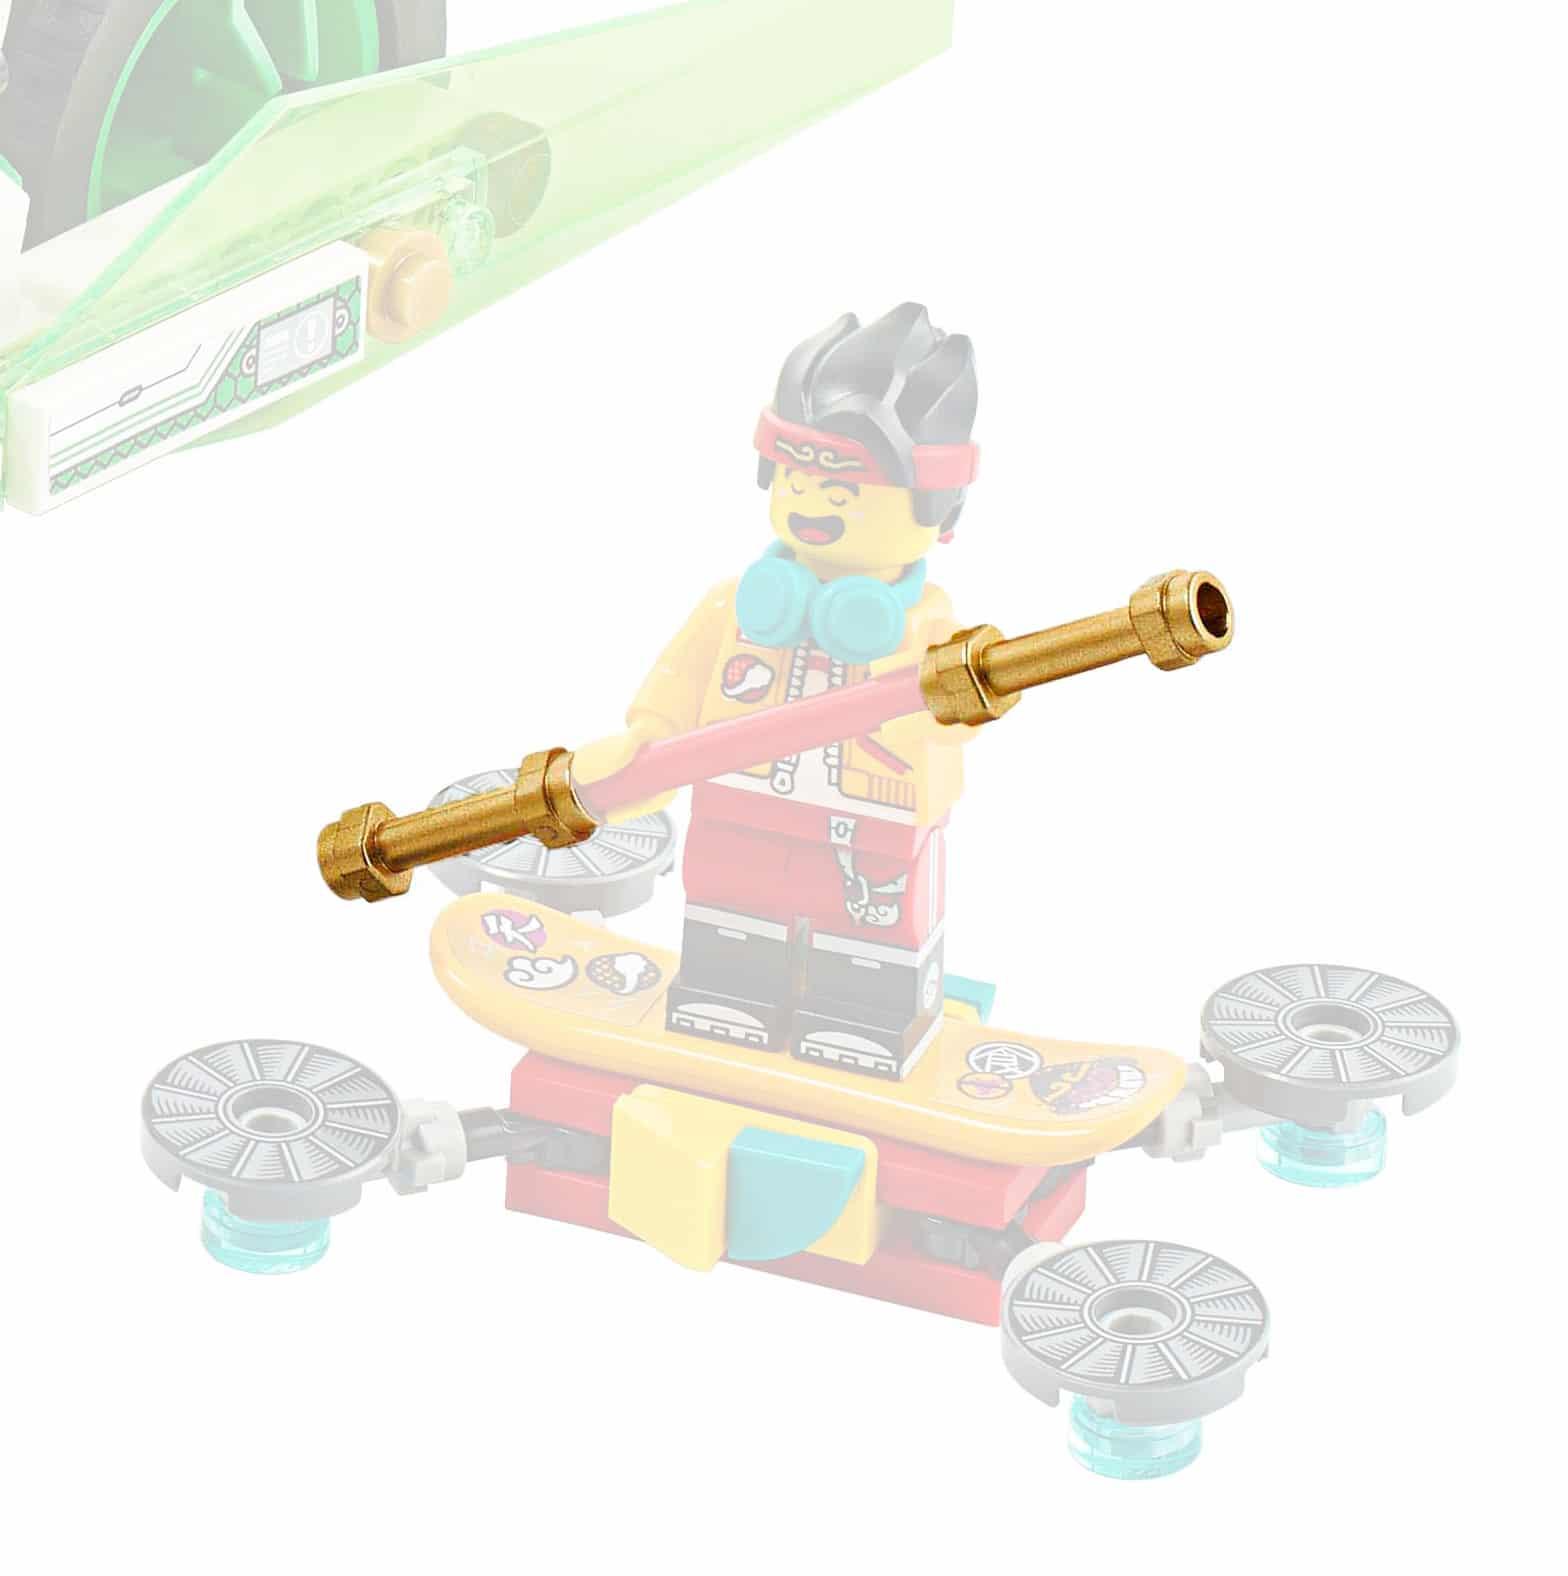 LEGO Monkie Kid Neue Teile02